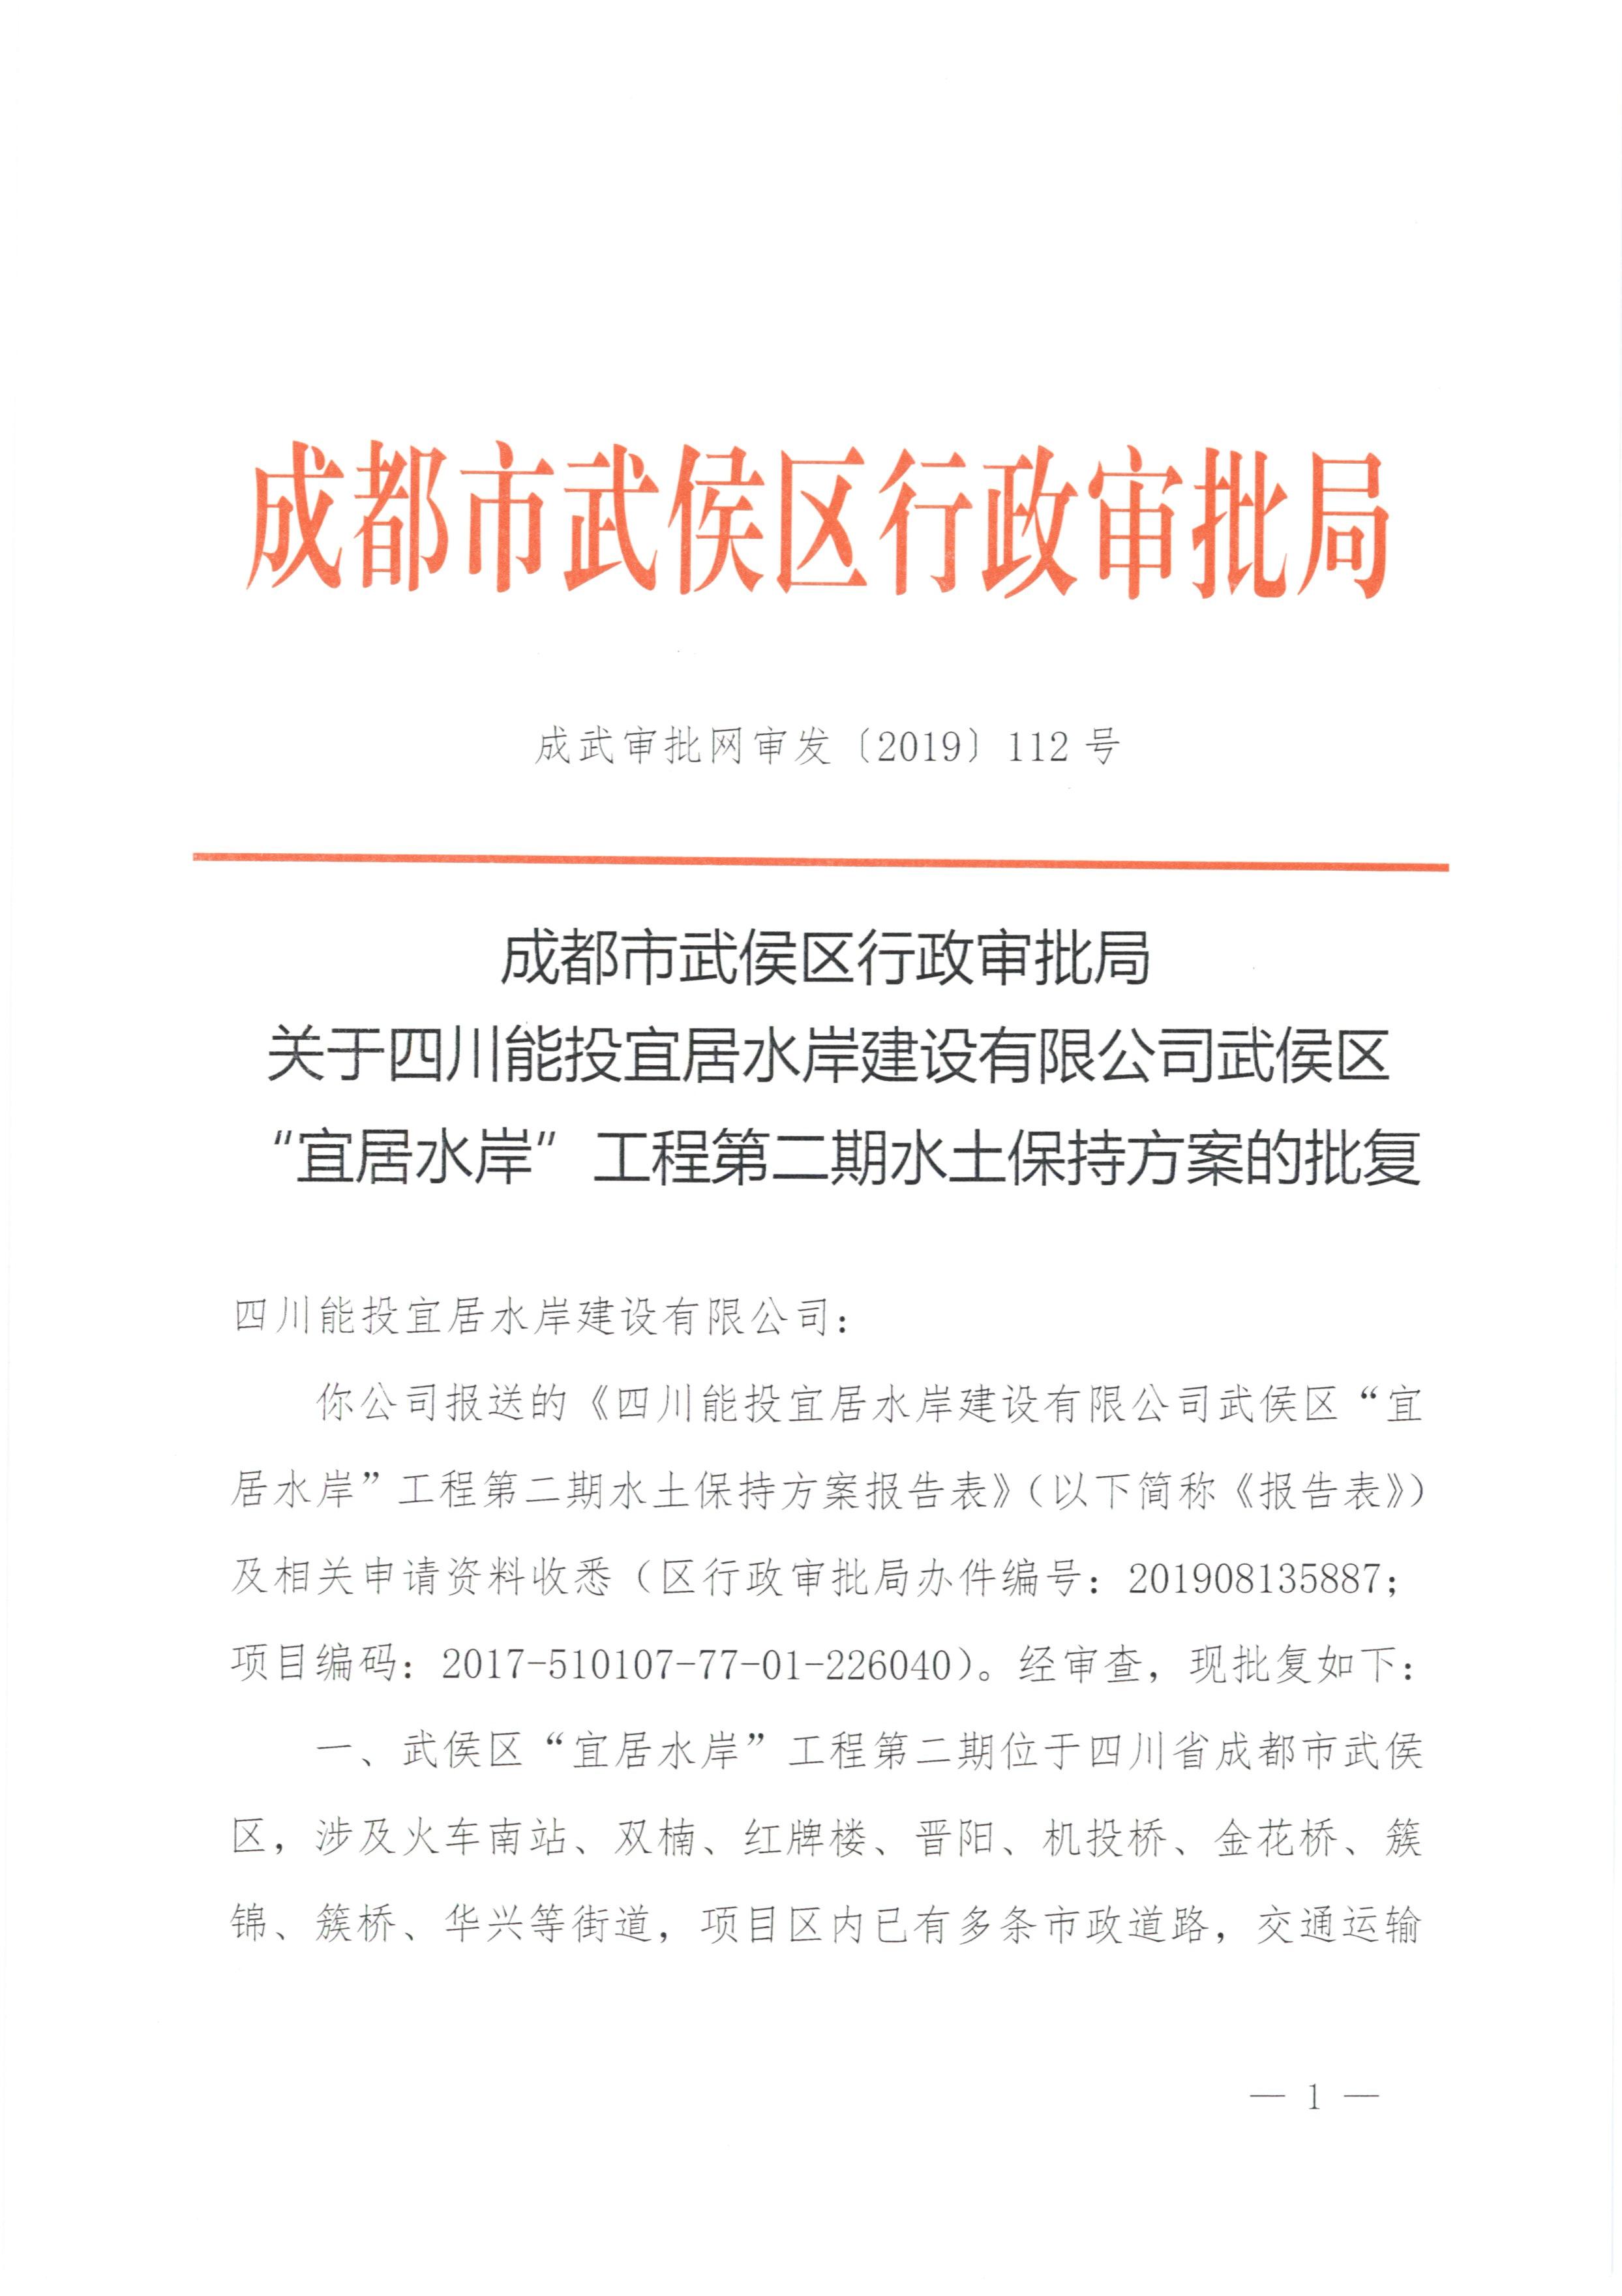 """武侯区""""宜居水岸""""第二期工程 -----乐动投注平台方案【批复】_页面_1.jpg"""